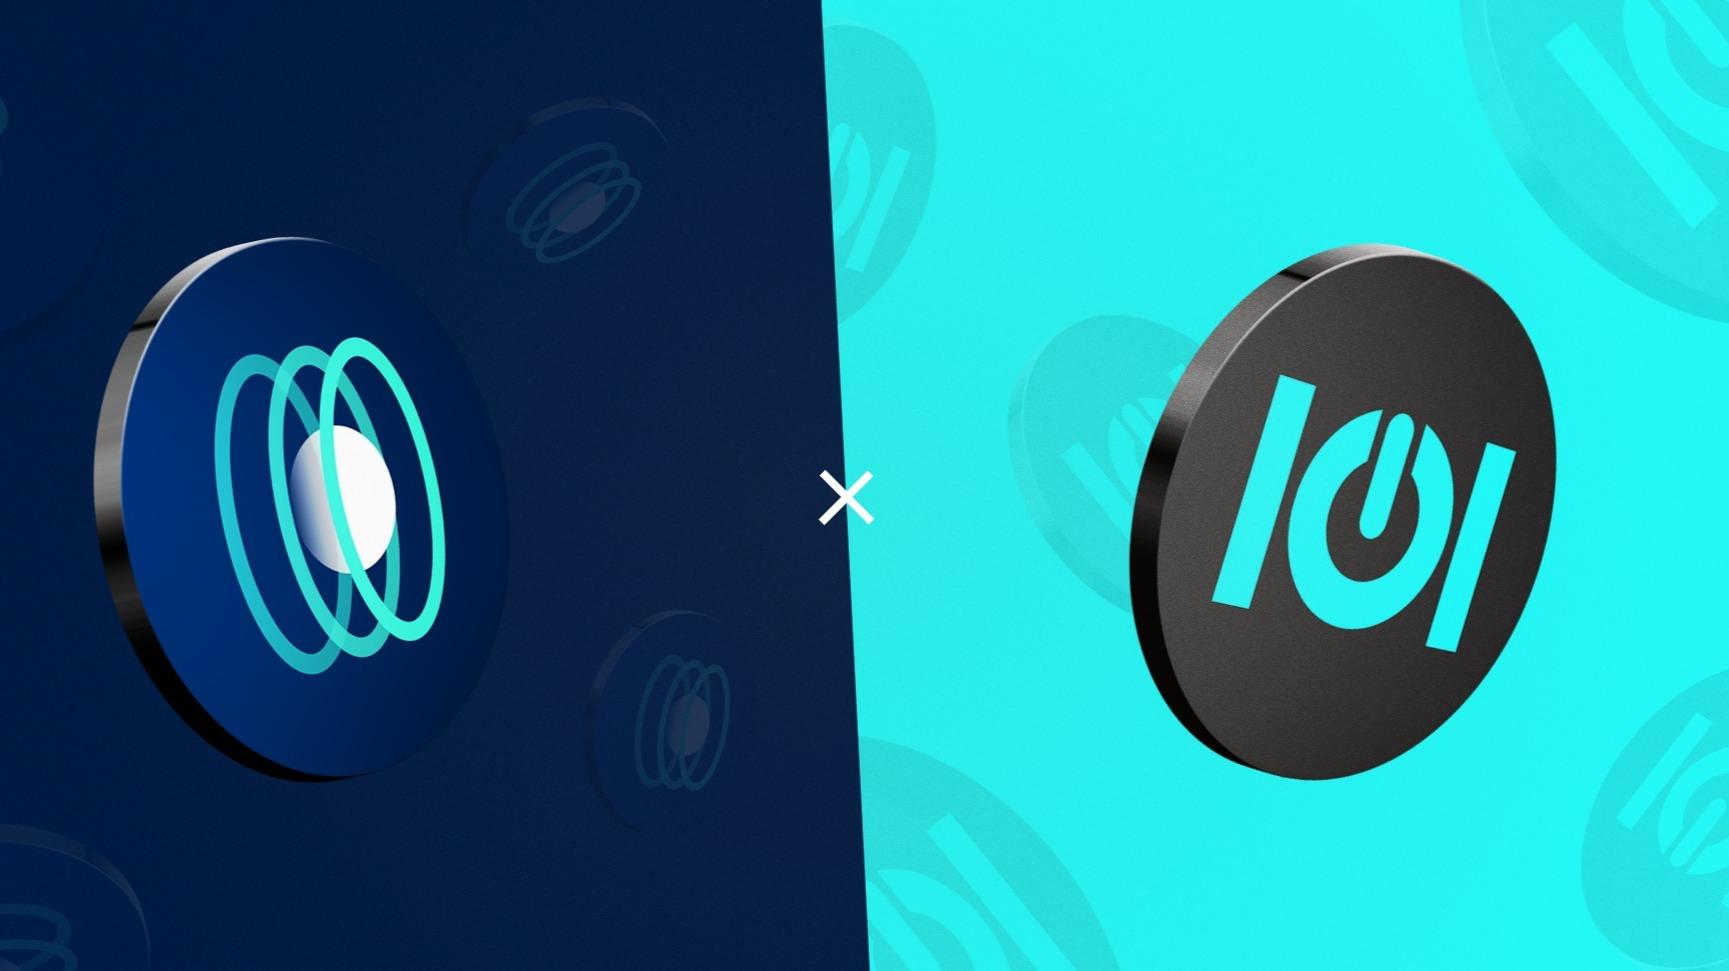 ChainPort + IOI